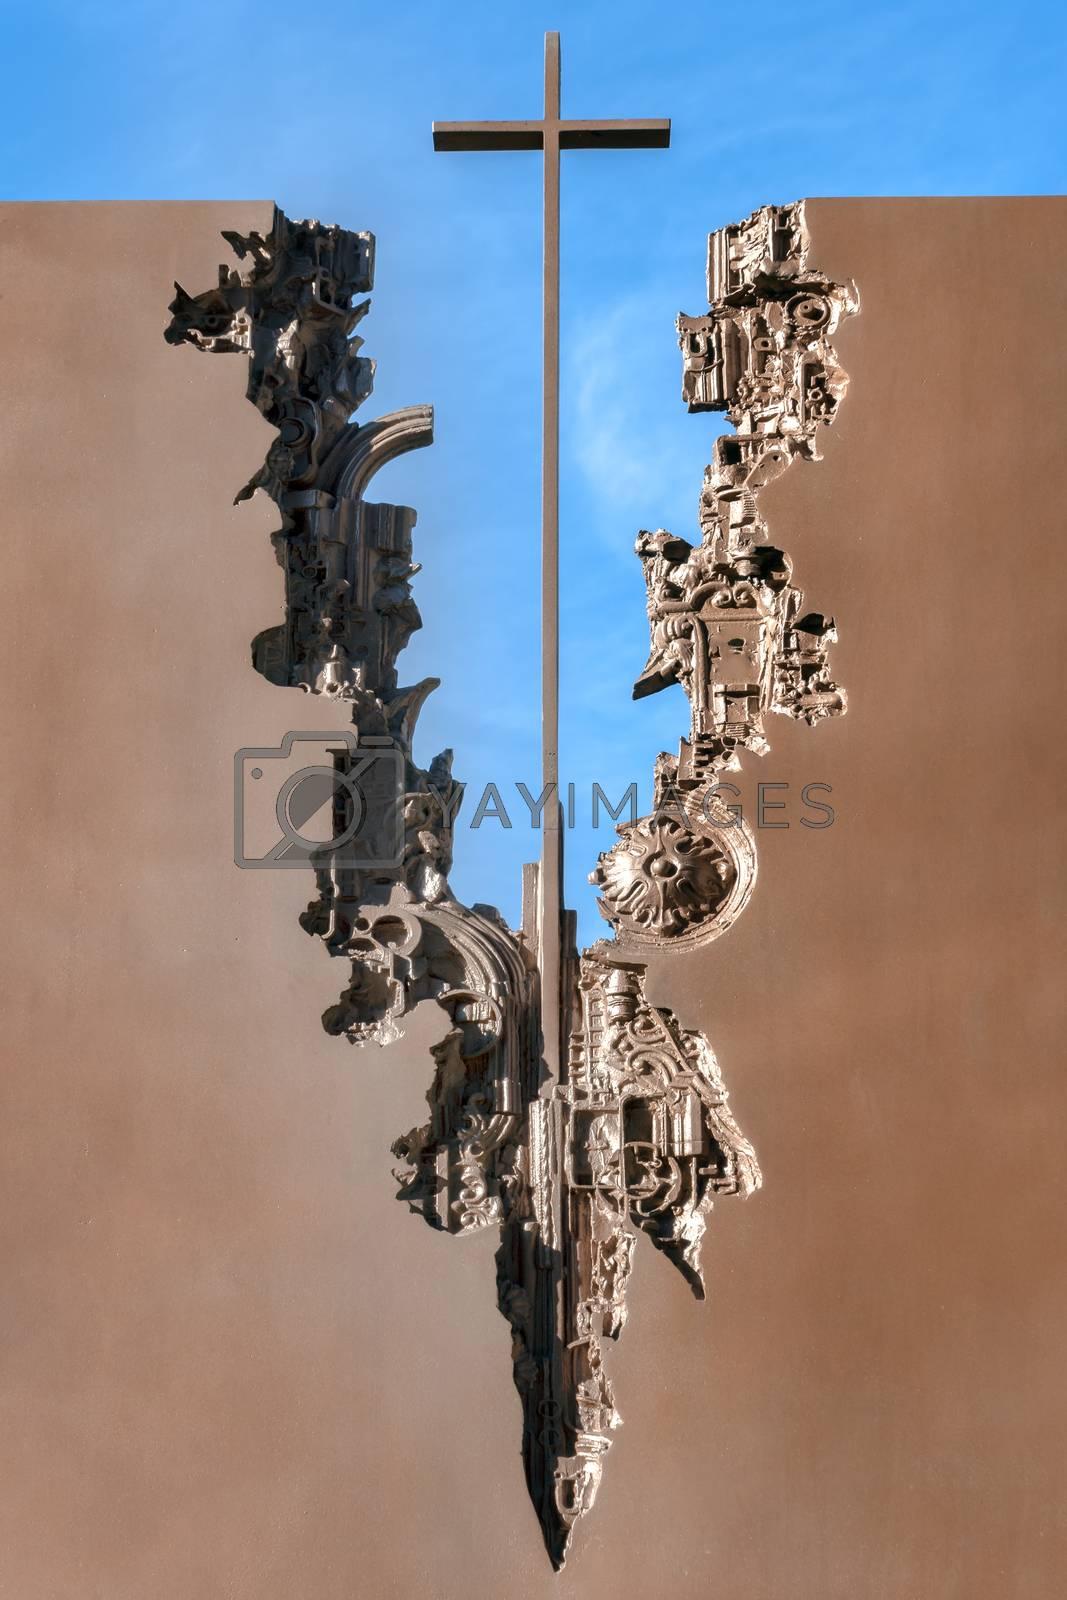 Modern sculpture of an iron cross with gears.